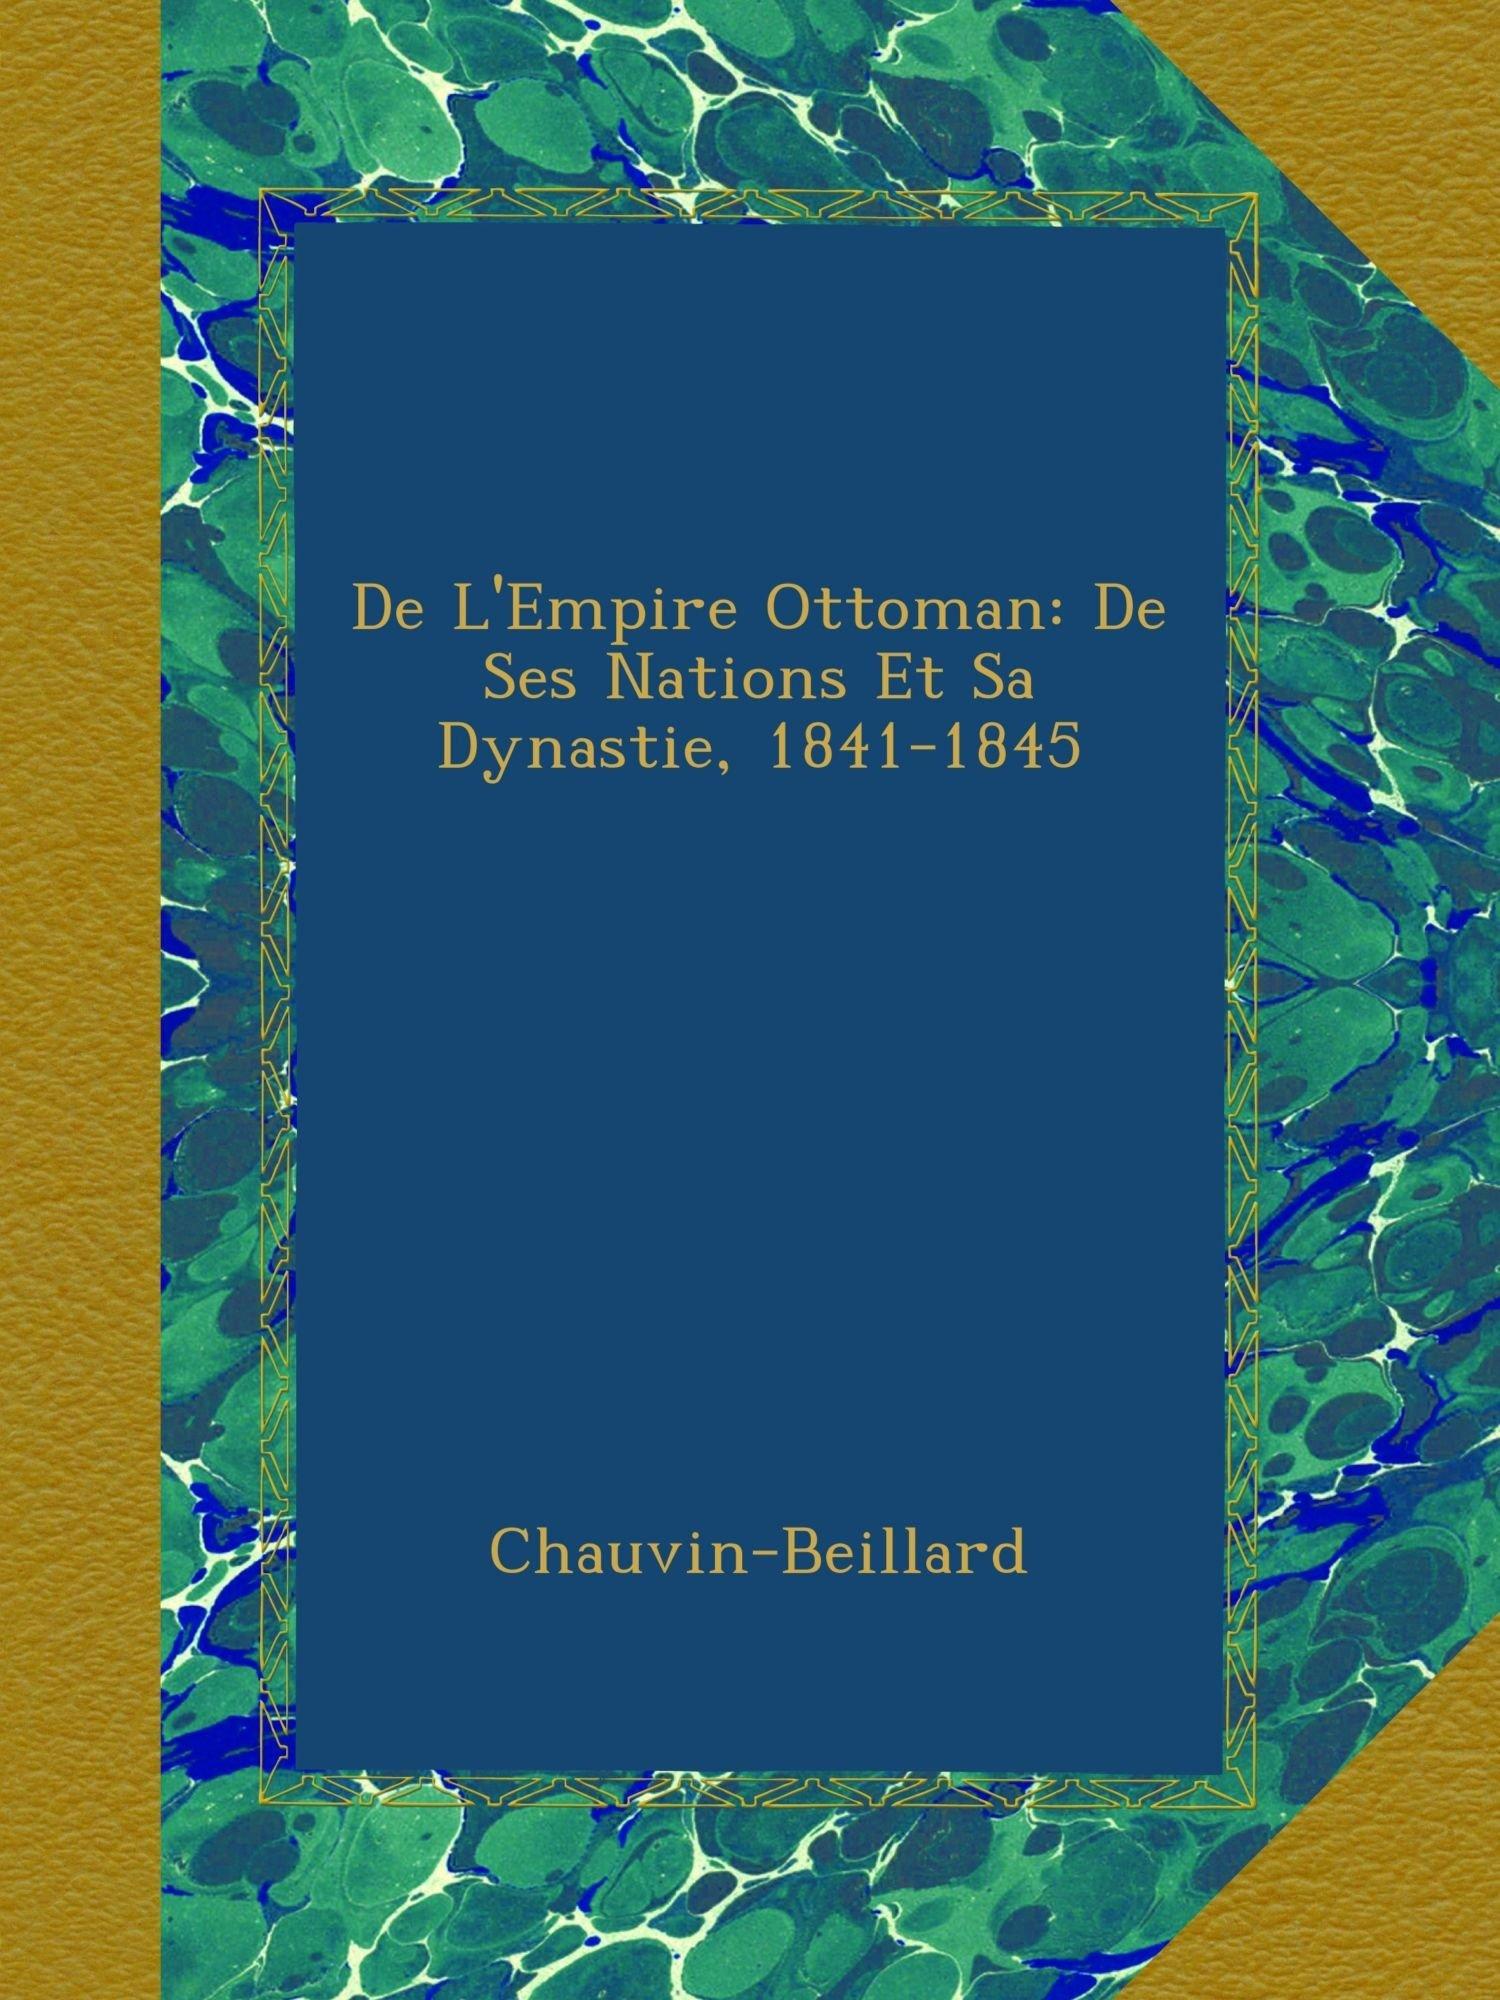 De L'Empire Ottoman: De Ses Nations Et Sa Dynastie, 1841-1845 (French Edition) PDF